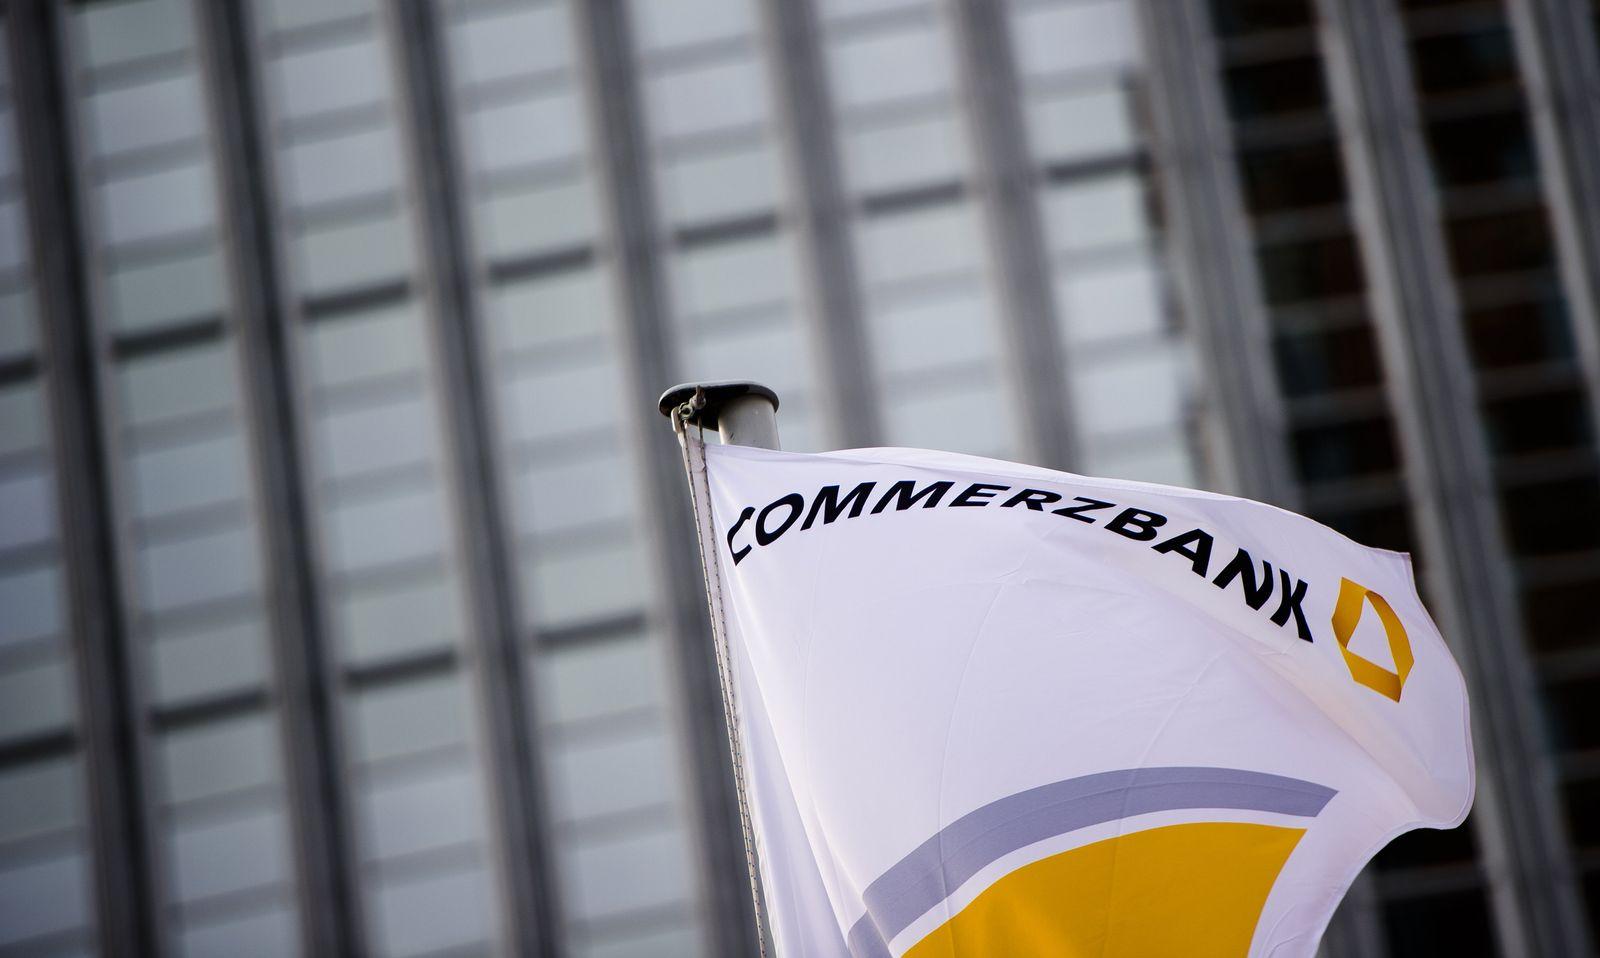 Commerzbank HV